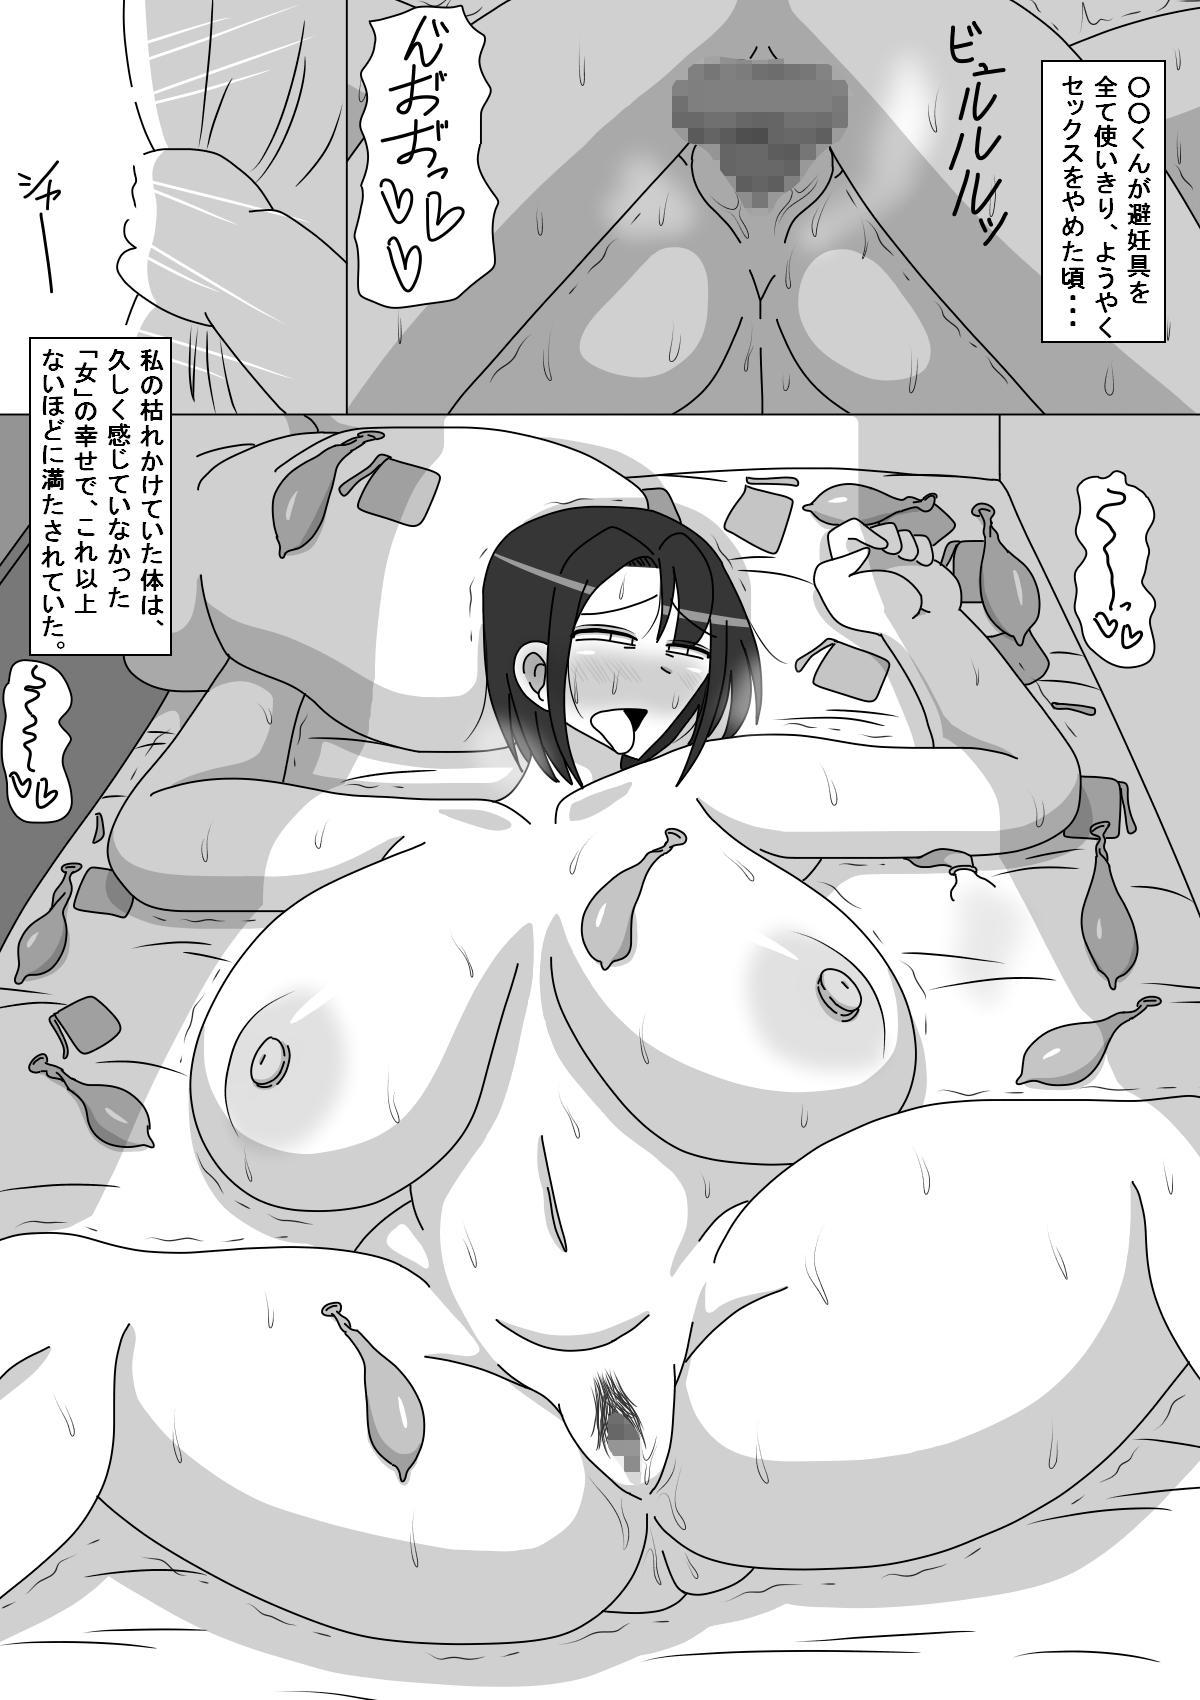 Kanae-san 14